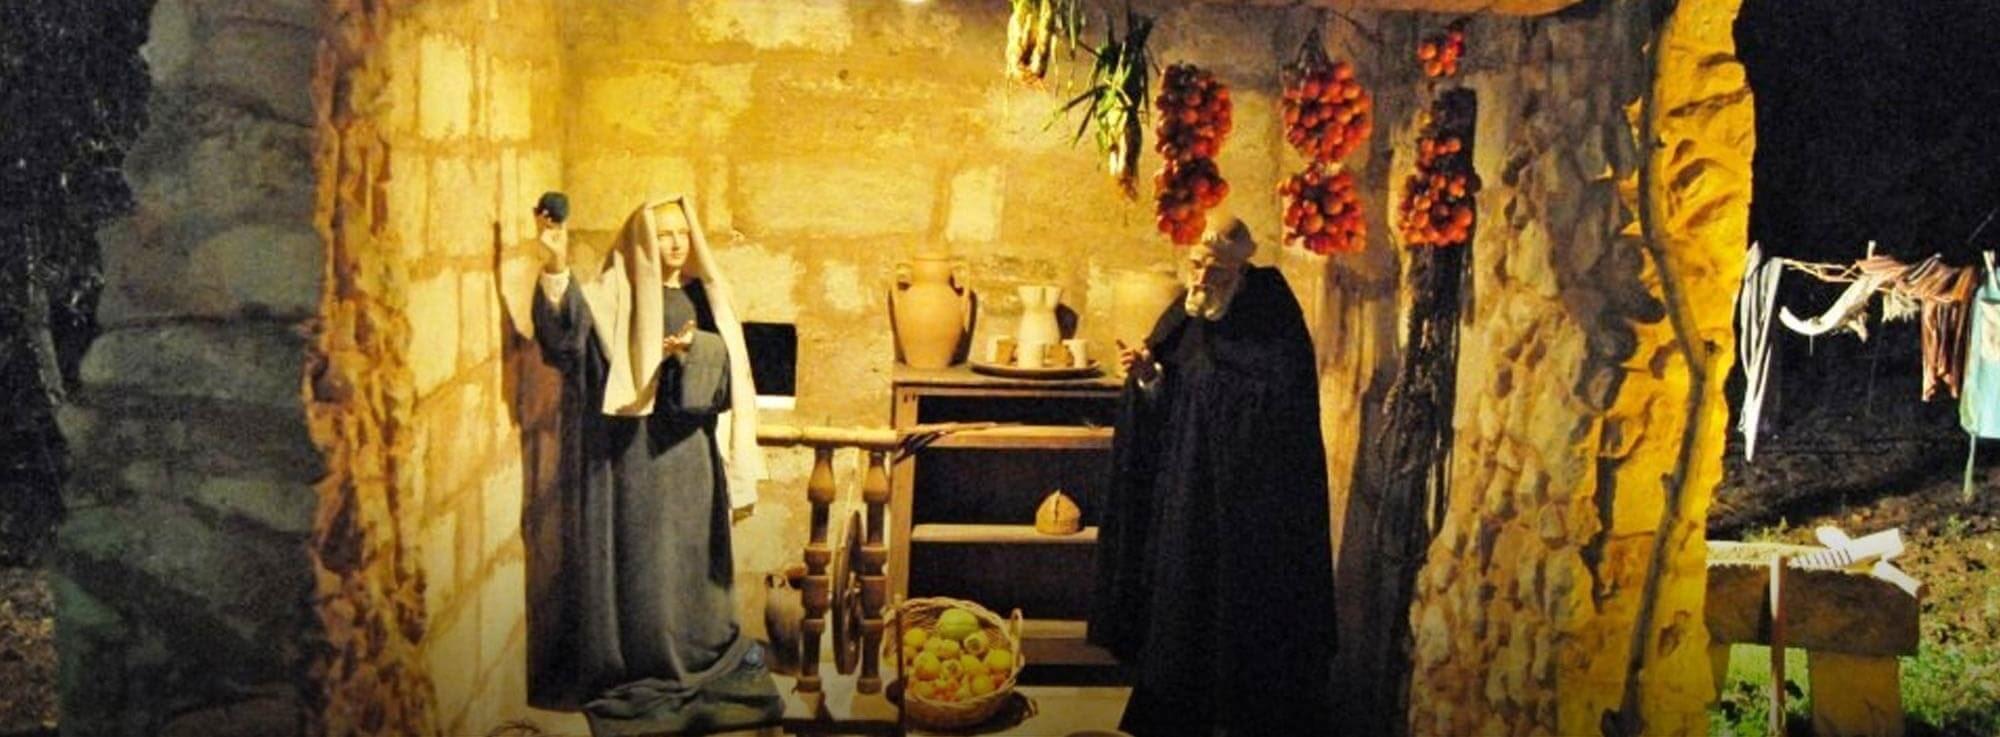 Soleto: Presepe di san Francesco